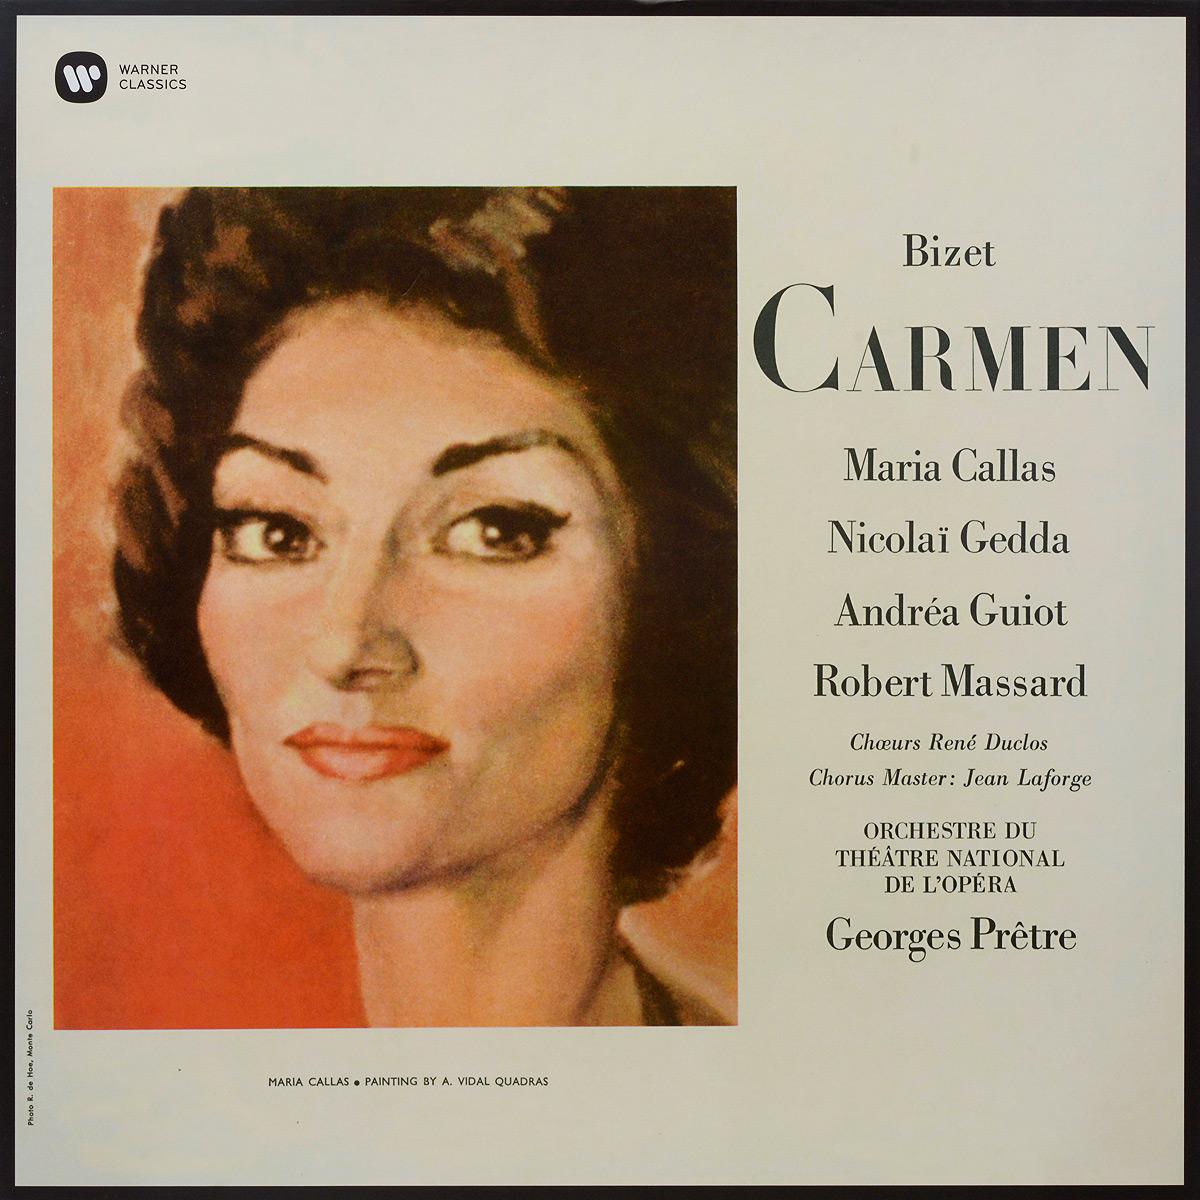 Издание содержит буклет либретто оперы на итальянском и английском языках и дополнительной информацией на английском, немецком и французском языках.